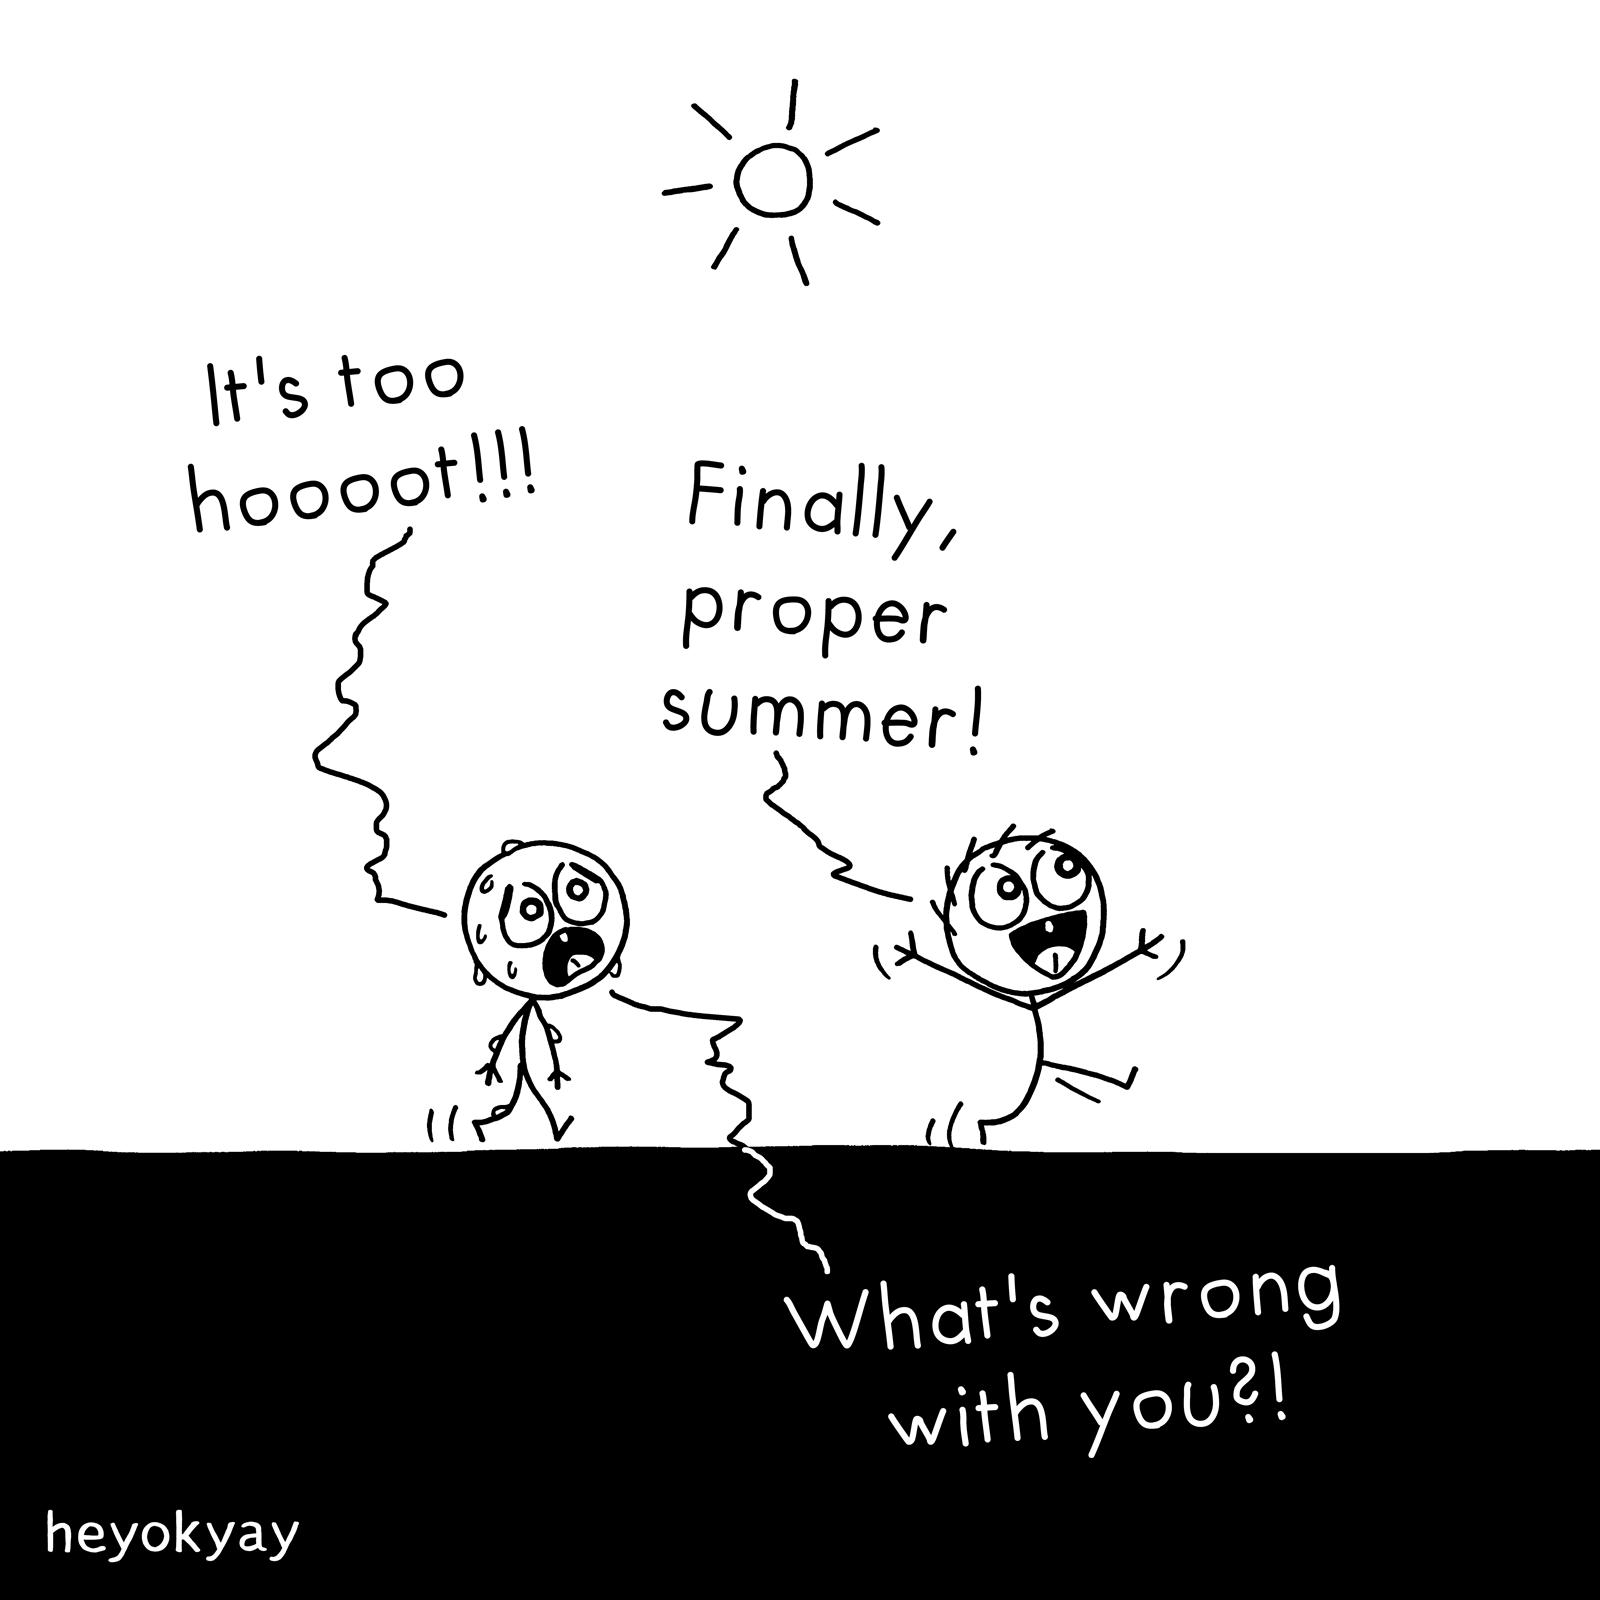 Summer heyokyay comic